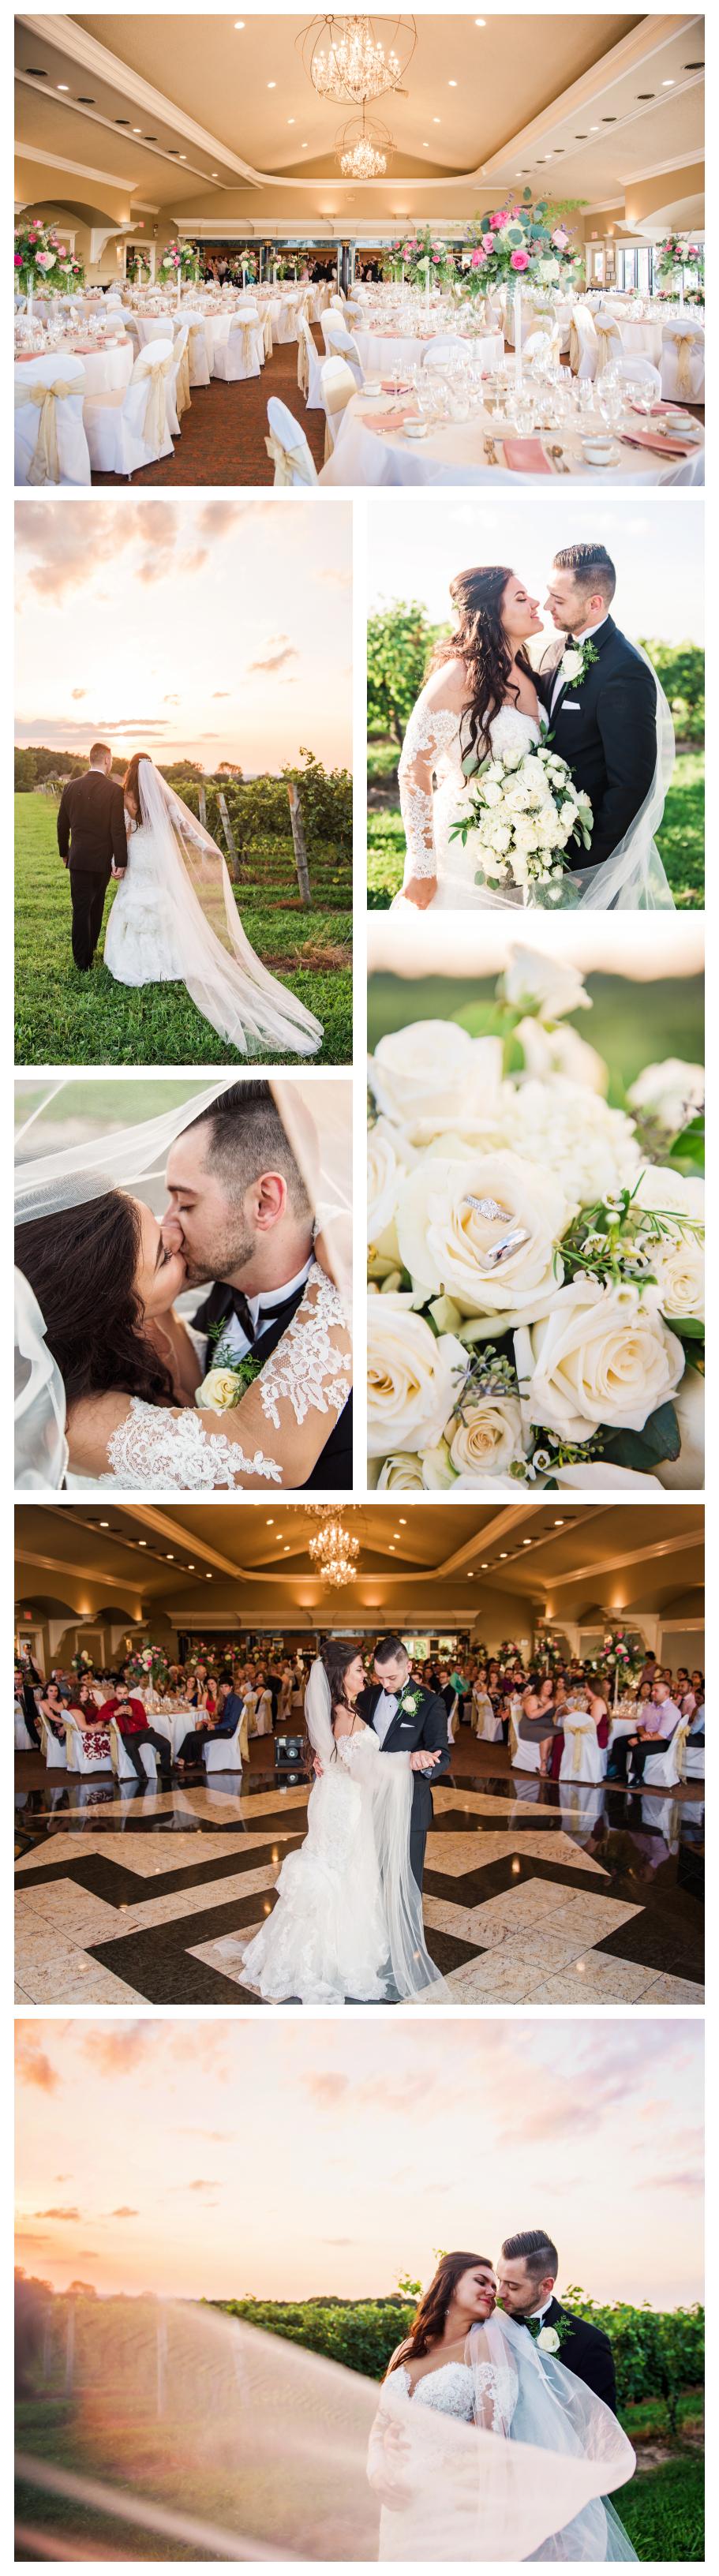 Casa_Larga_Rochester_Wedding_JILL_STUDIO_1.jpg